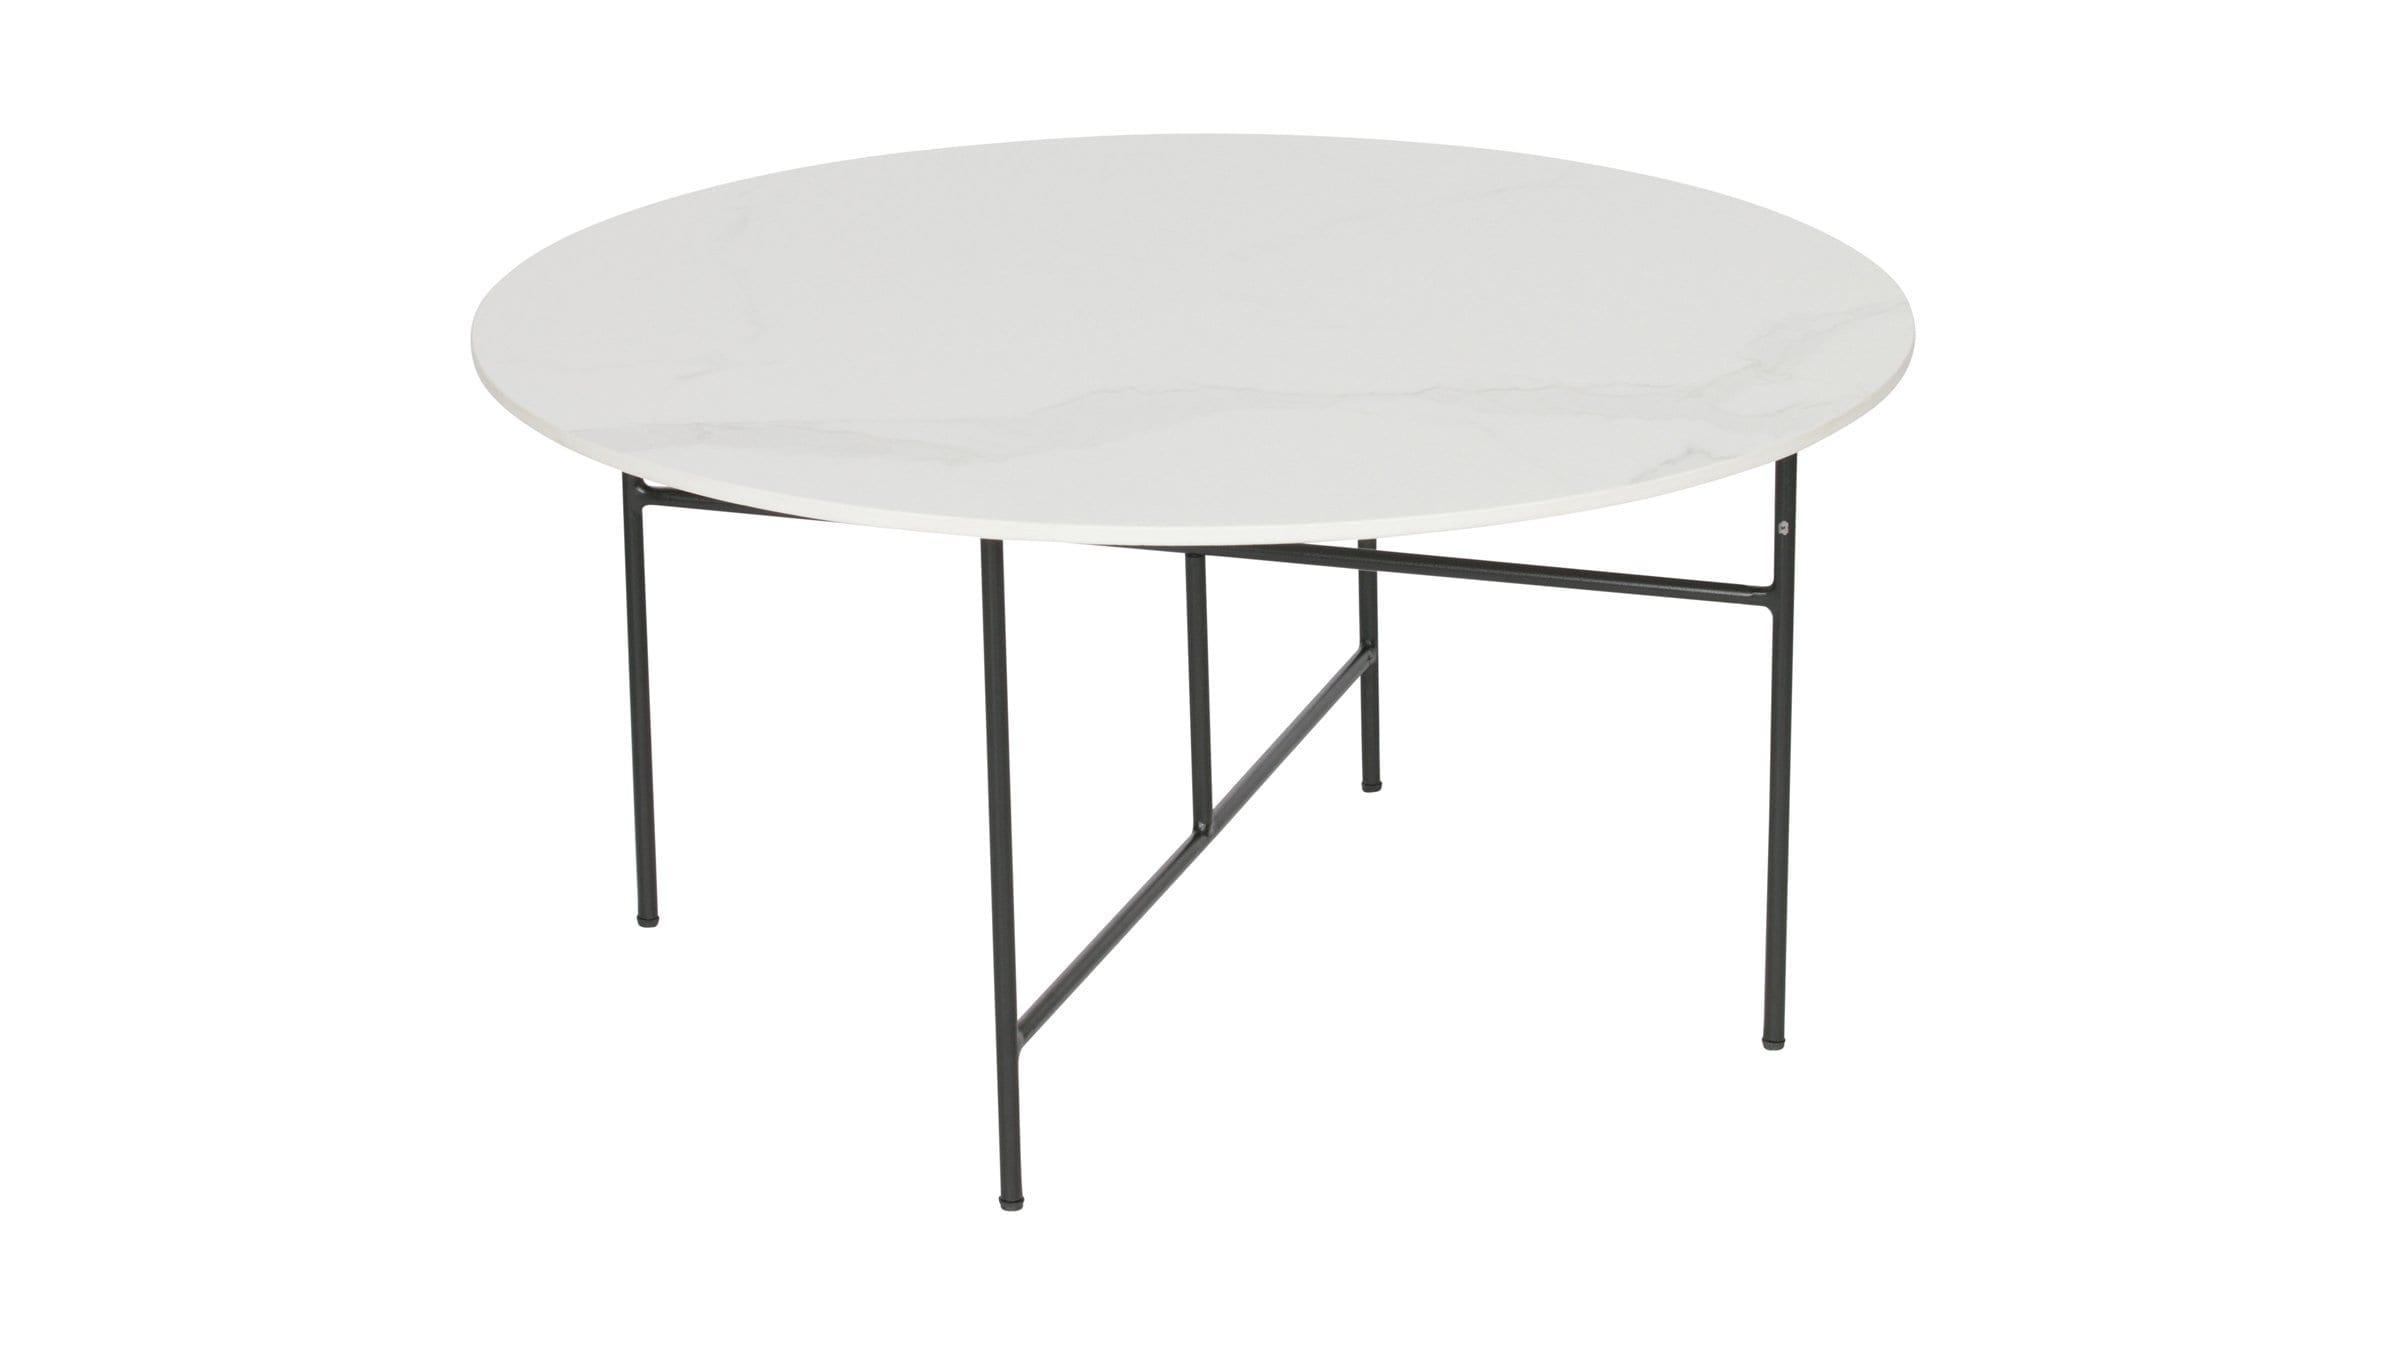 Icke gamla Vida soffbord marmor vit - Affordable design BU-39